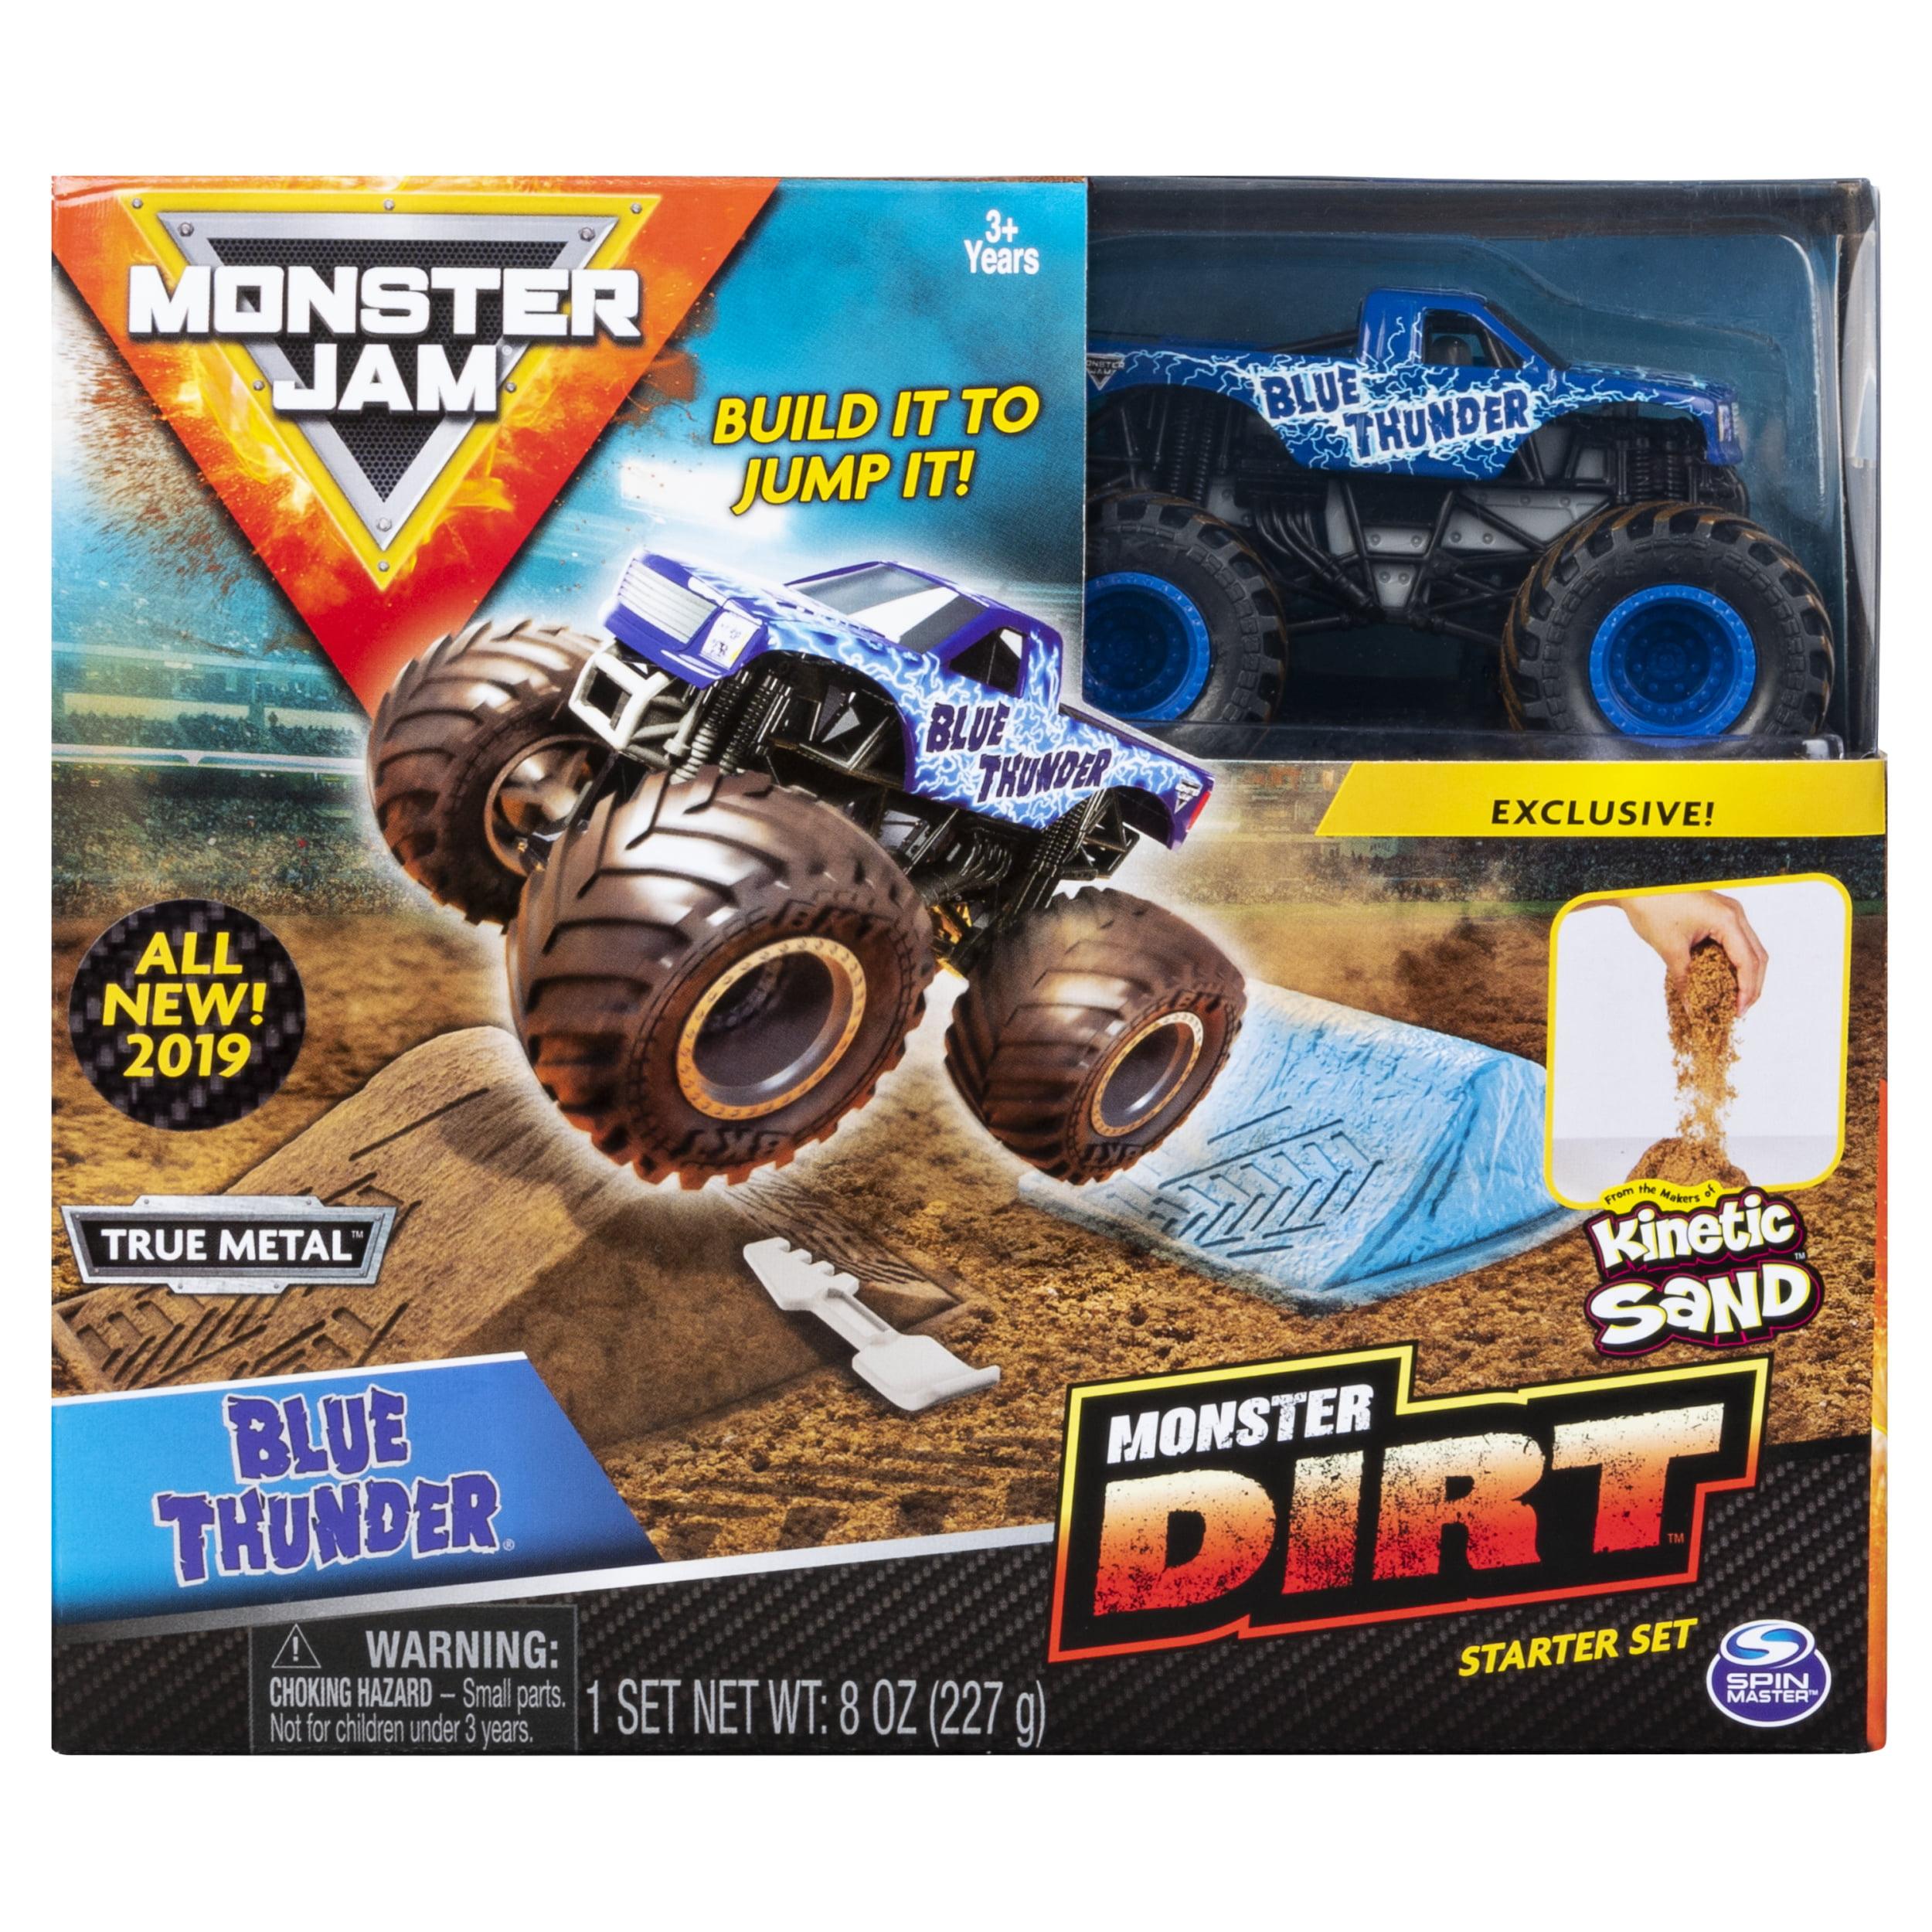 Monster Jam, Blue Thunder Monster Dirt Starter Set, Featuring 8oz of Monster Dirt and Official 1:64 Scale Die-Cast Monster Jam Truck